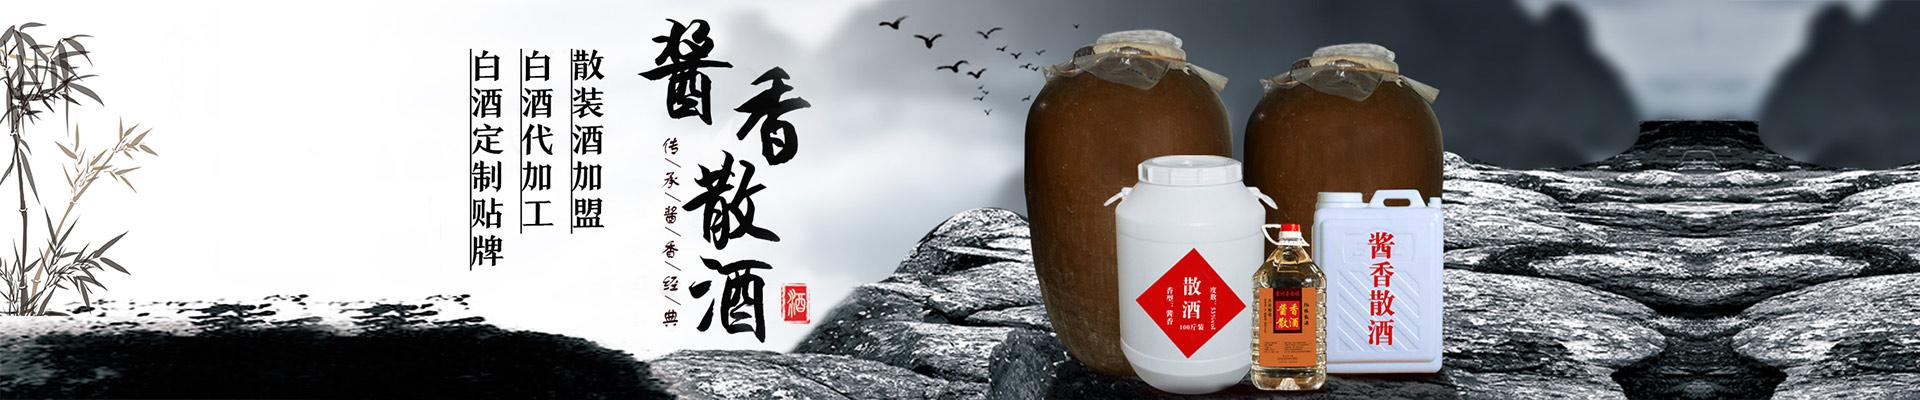 贵州黔朝酒业有限公司